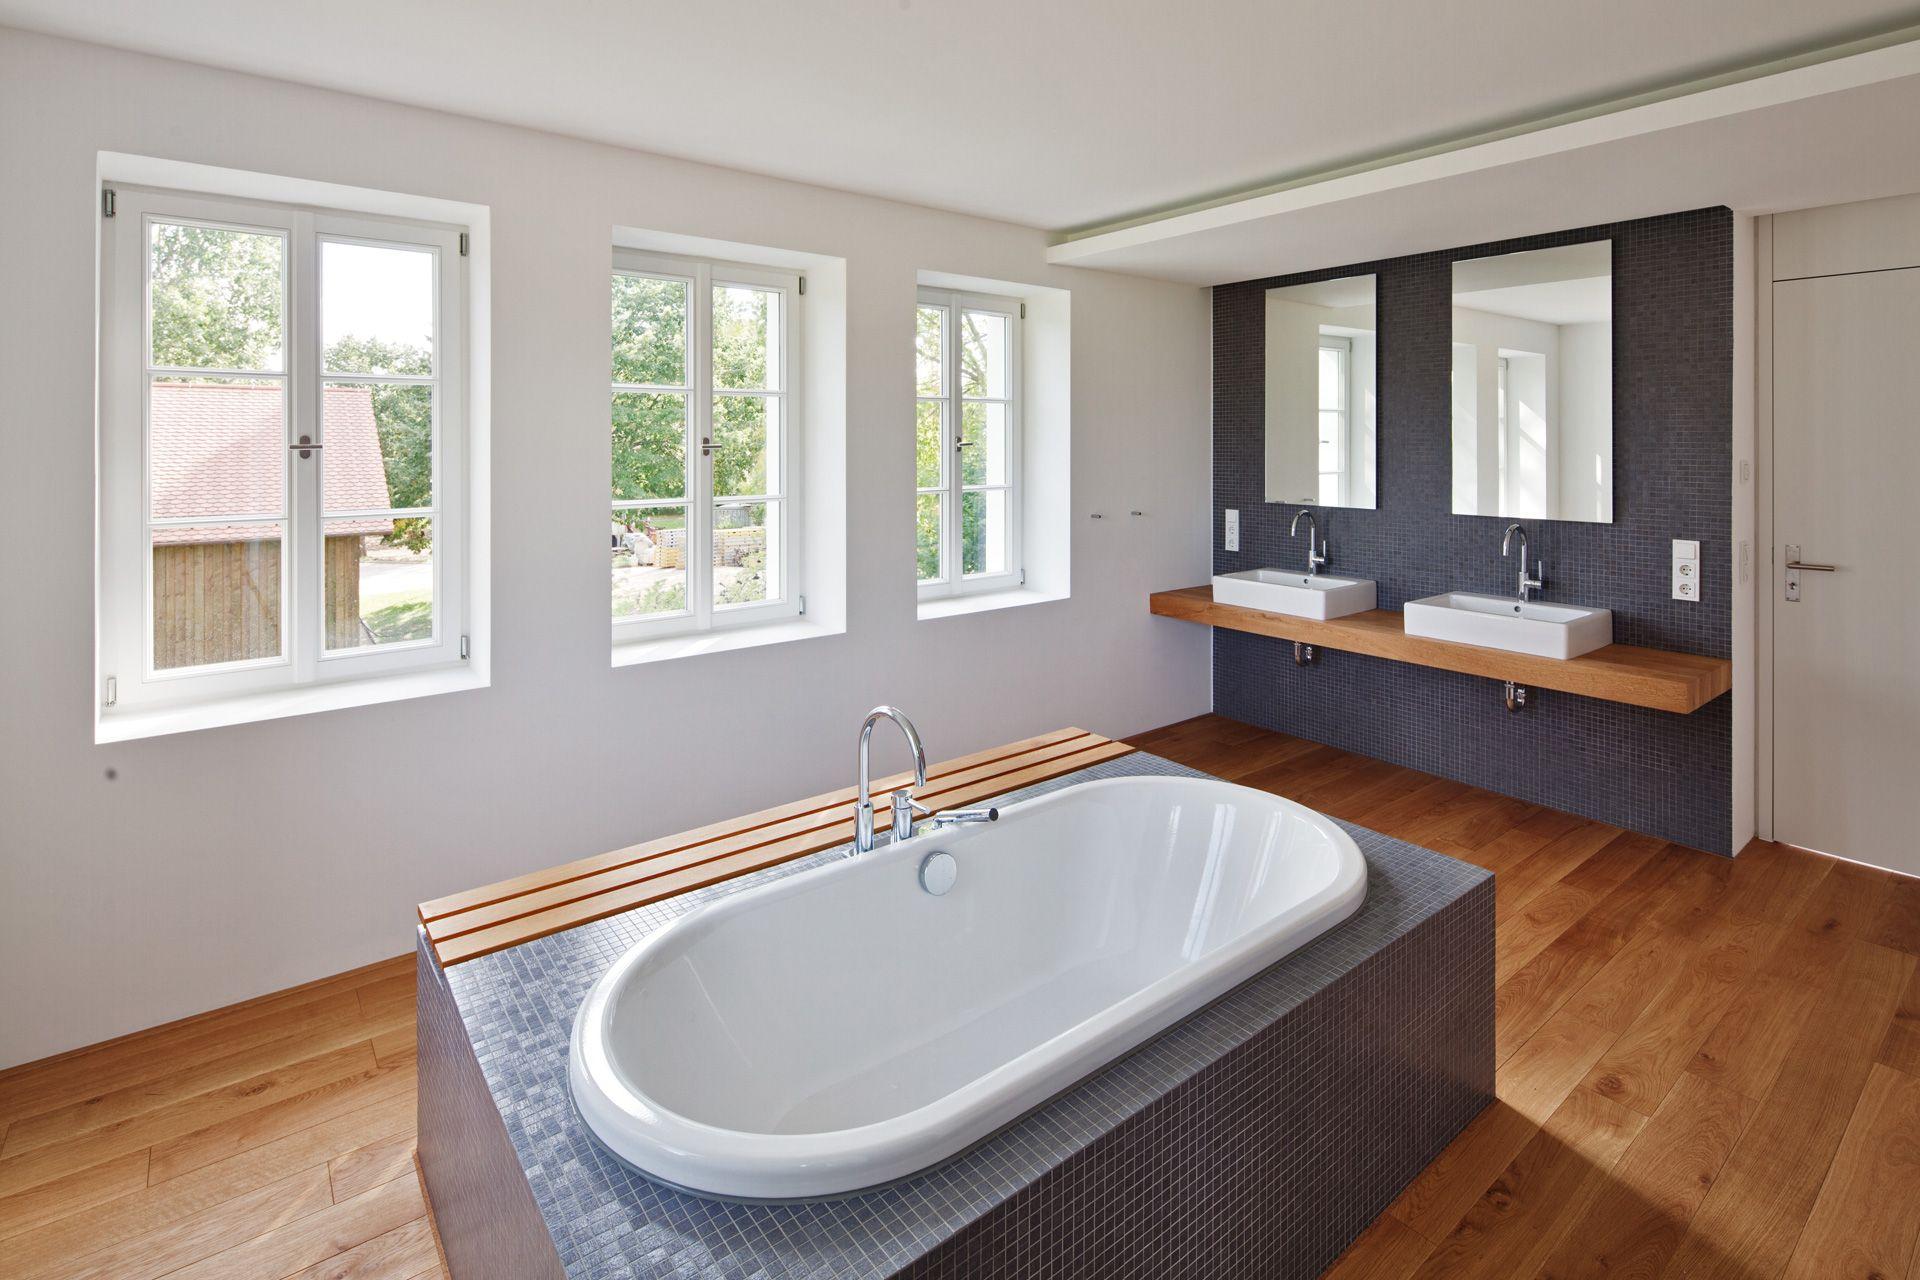 Badezimmermöbel eiche massiv  MTB-Badmöbel in Eiche Massiv | Bad | Pinterest | Badmoebel, Eiche ...